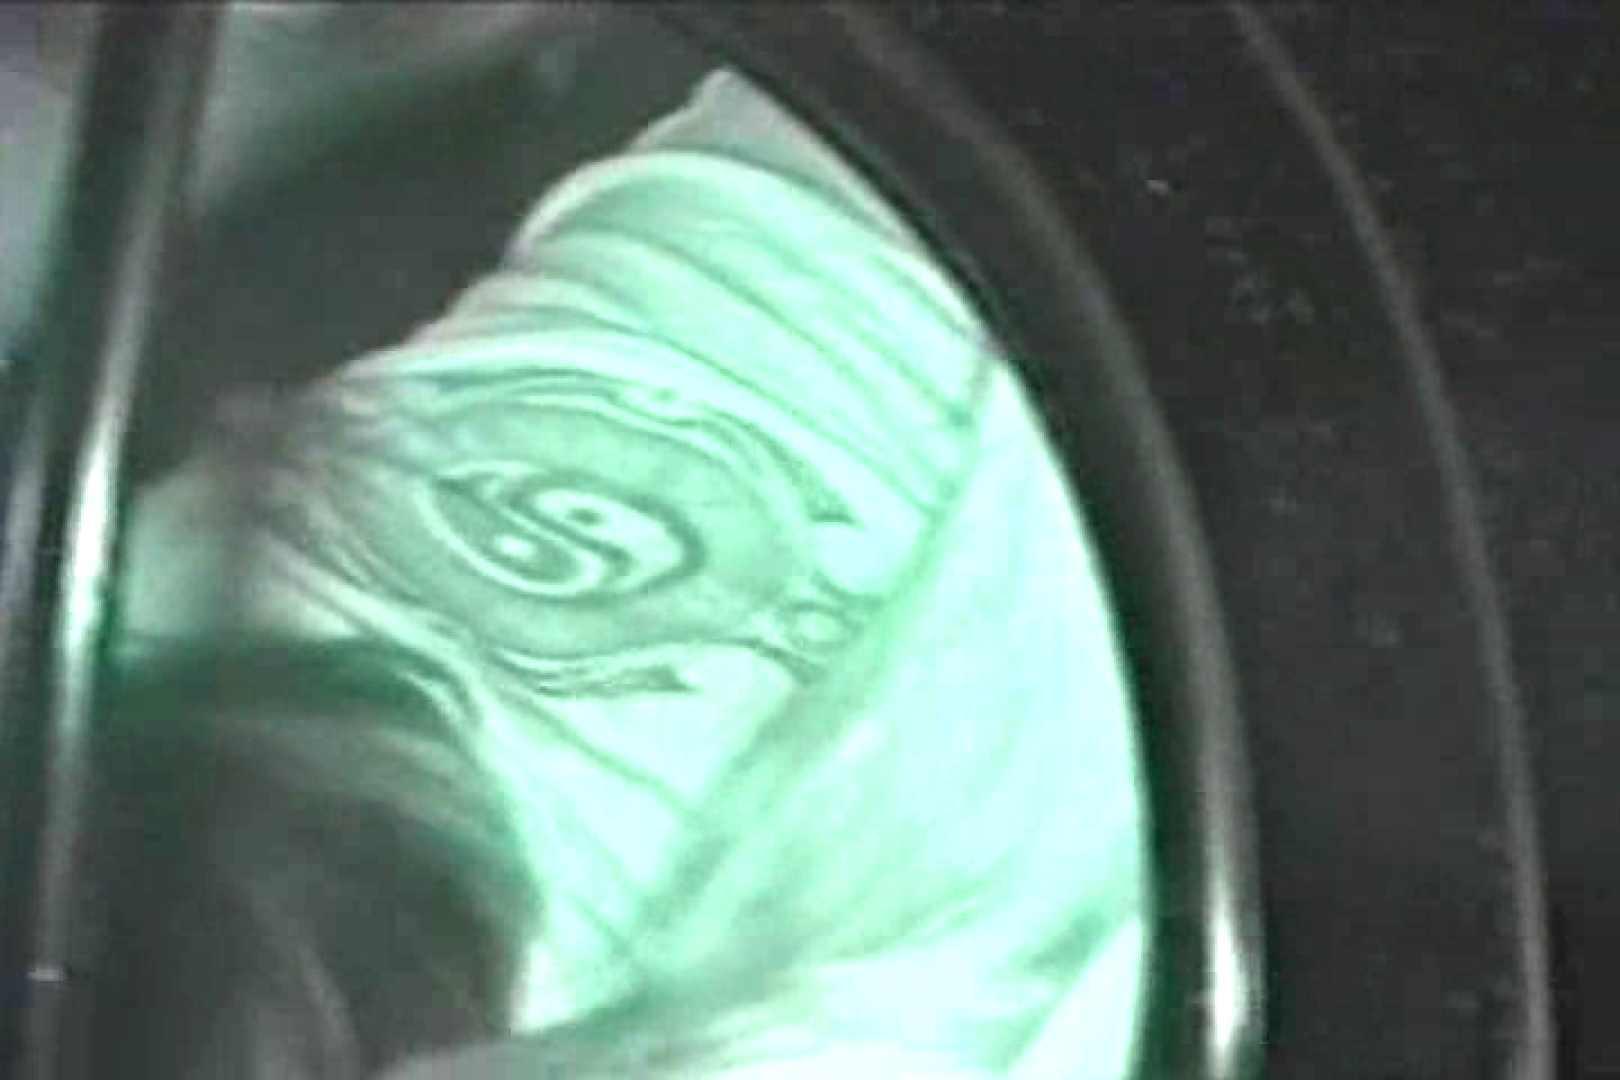 蔵出し!!赤外線カーセックスVol.18 盗撮特集 AV無料動画キャプチャ 96画像 3